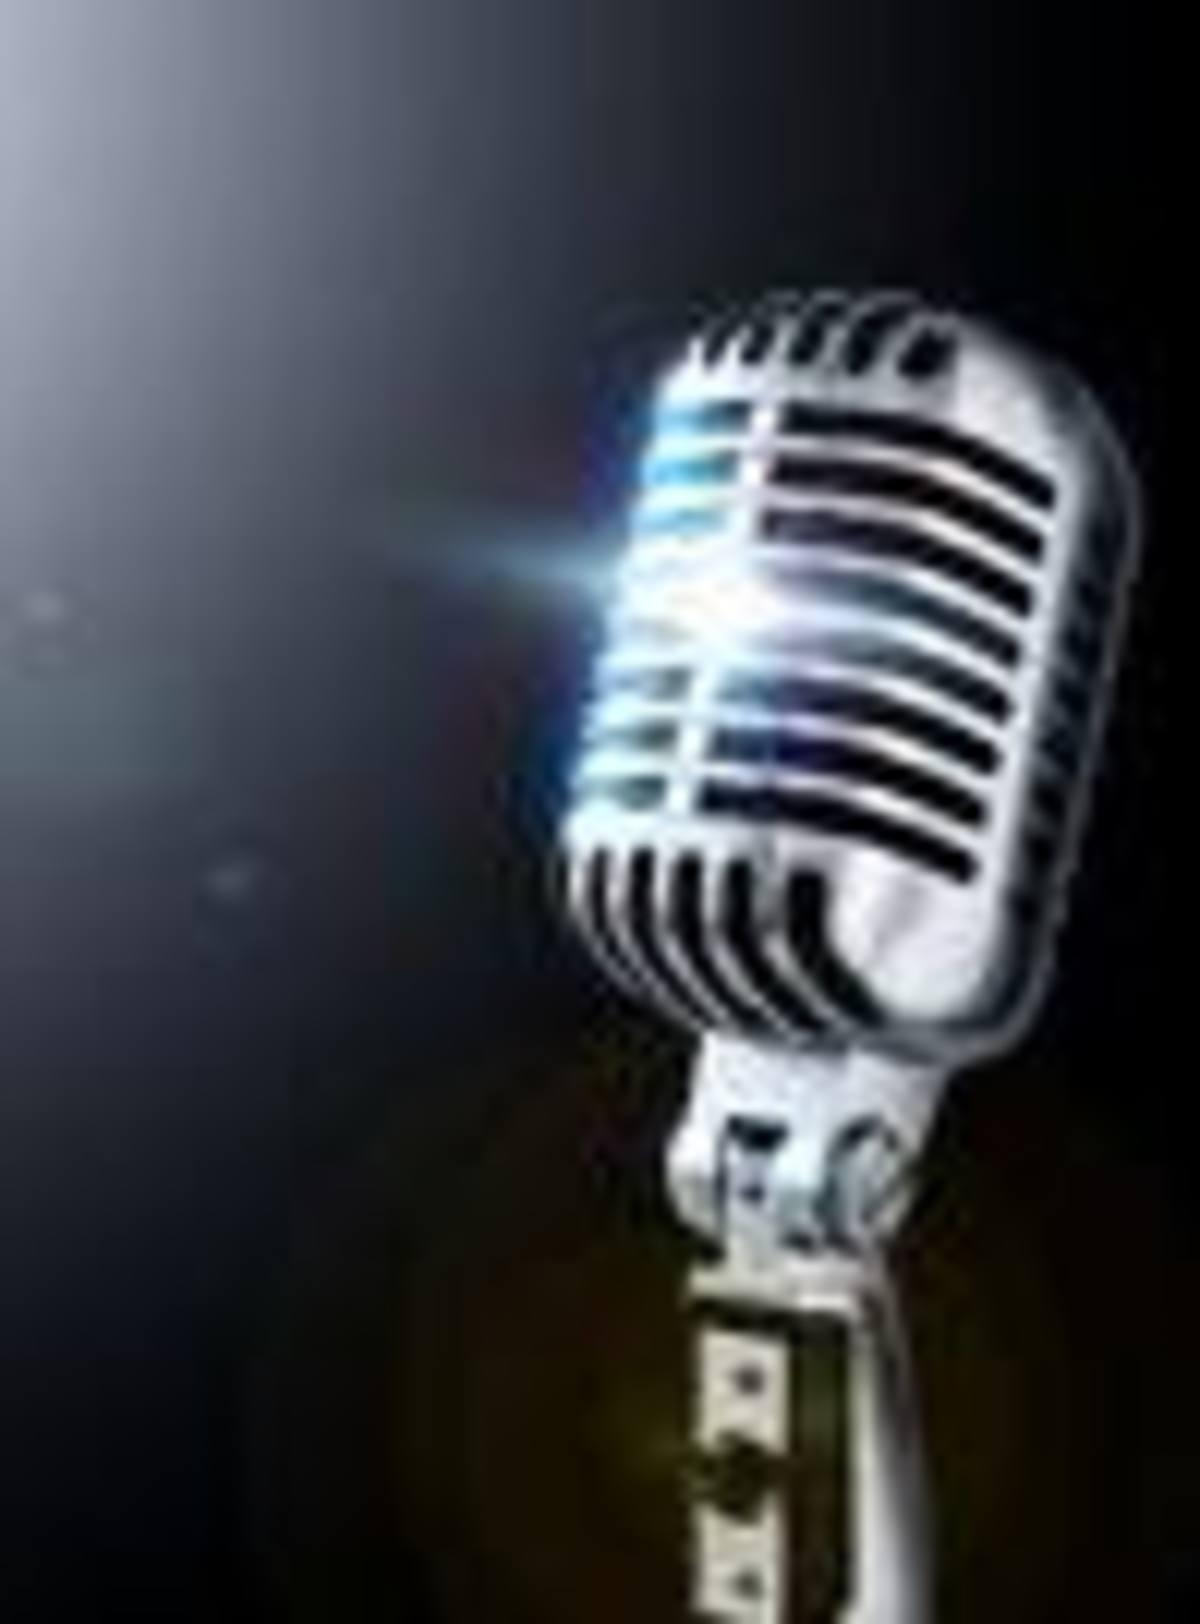 Στο Άγιο Όρος ο τραγουδιστής που συνελήφθη.. | Newsit.gr